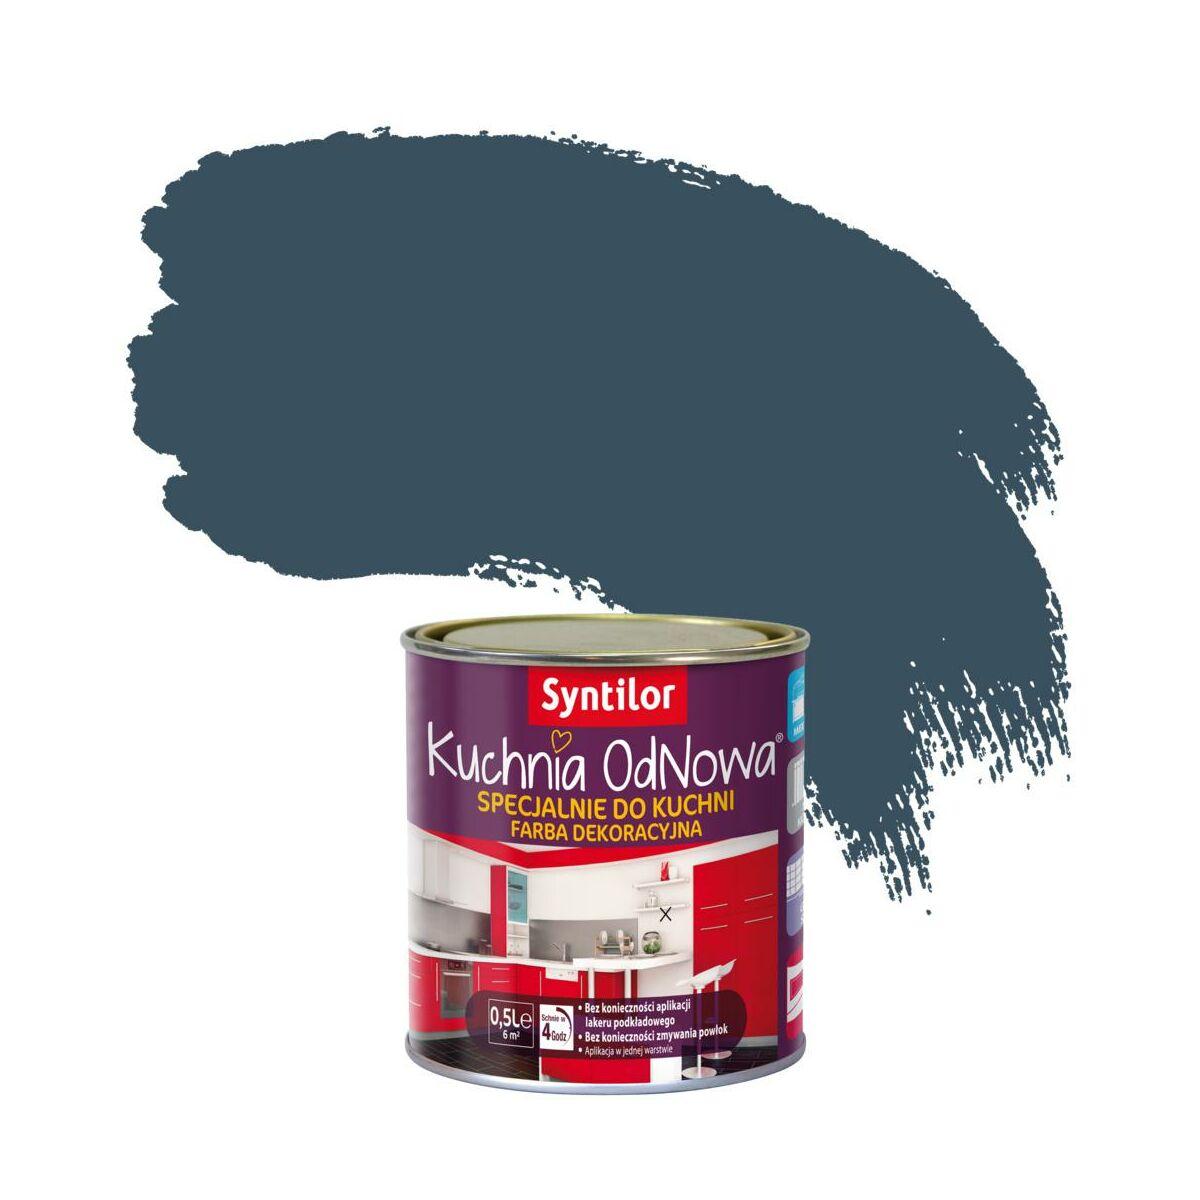 Farba Renowacyjna Kuchnia Odnowa 1 L Borówka Syntilor